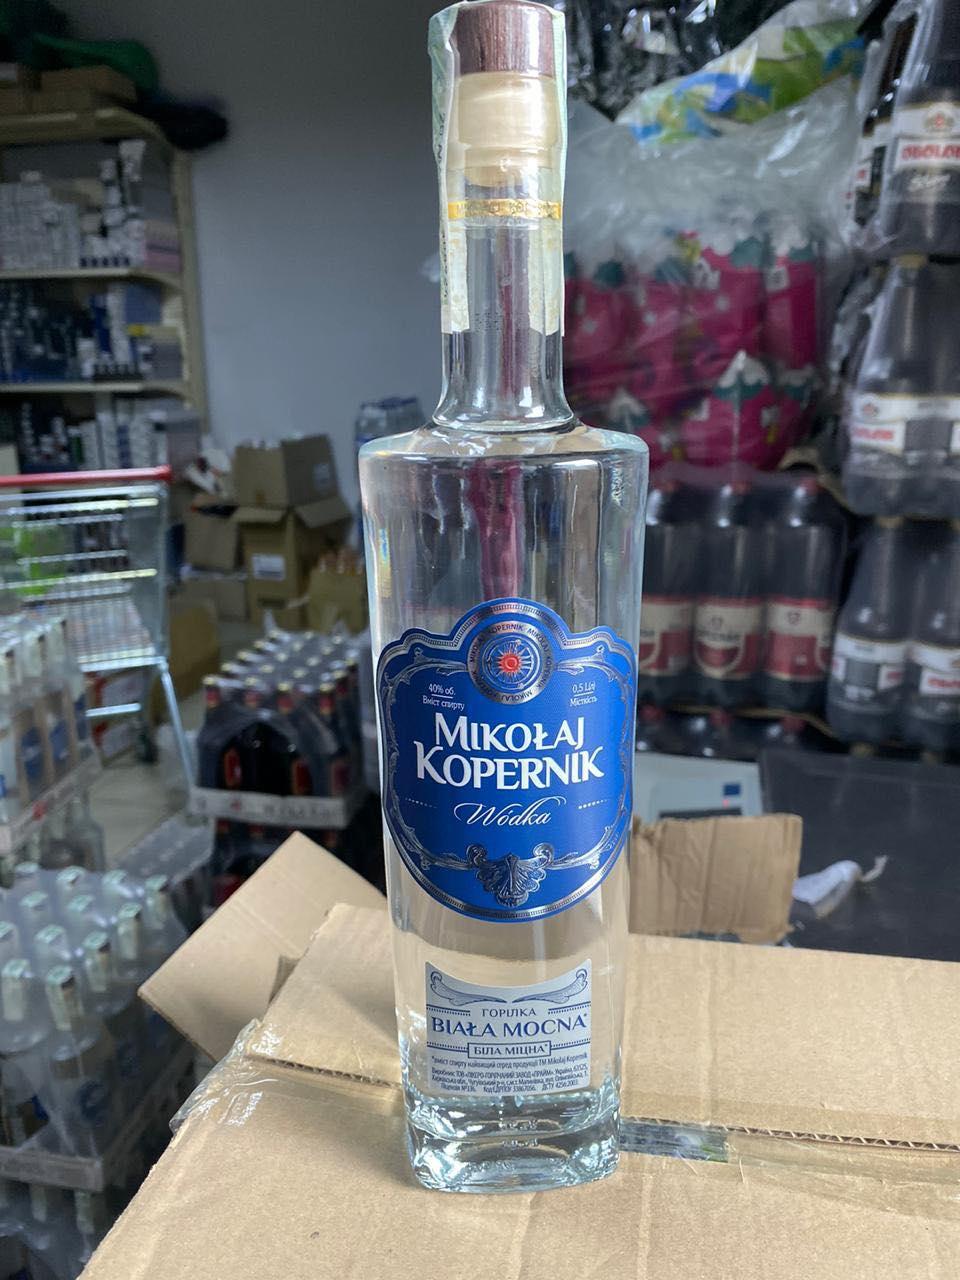 В Устилузі вилучили контрафактний алкоголь на суму 200 тисяч. ФОТО